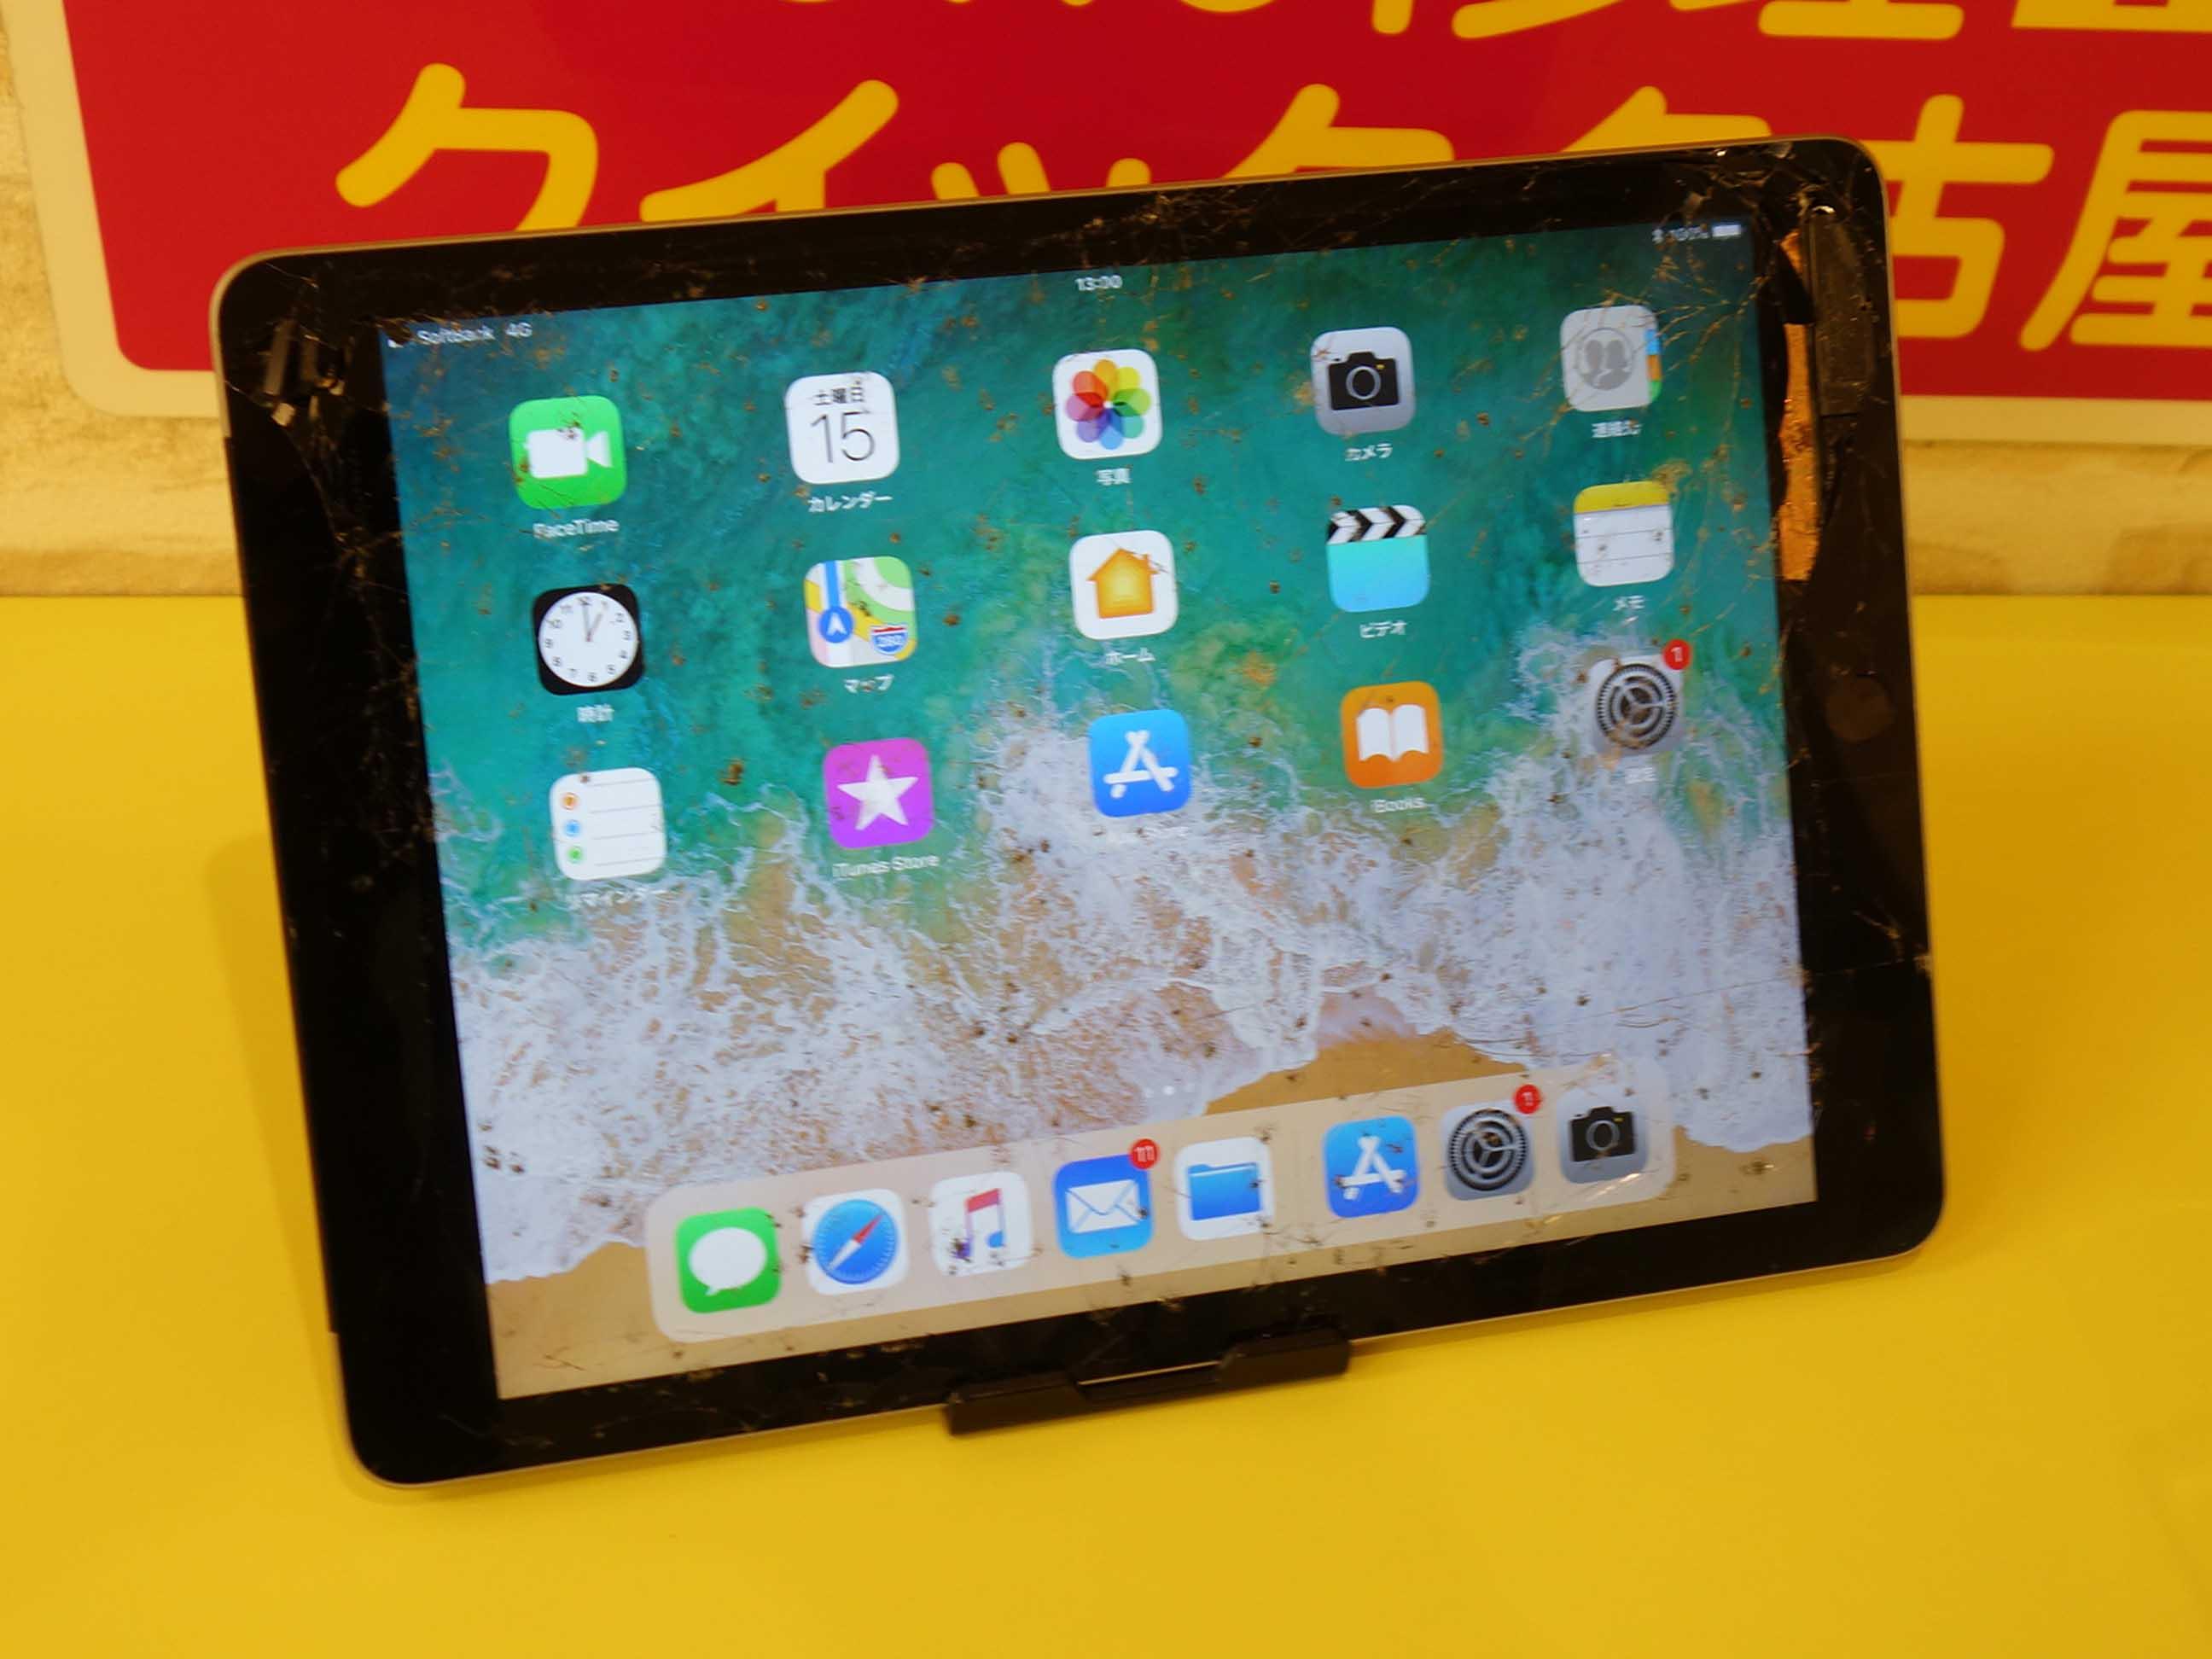 iPad6のガラス交換修理に北名古屋市よりご来店!アイパッド修理もクイック名古屋